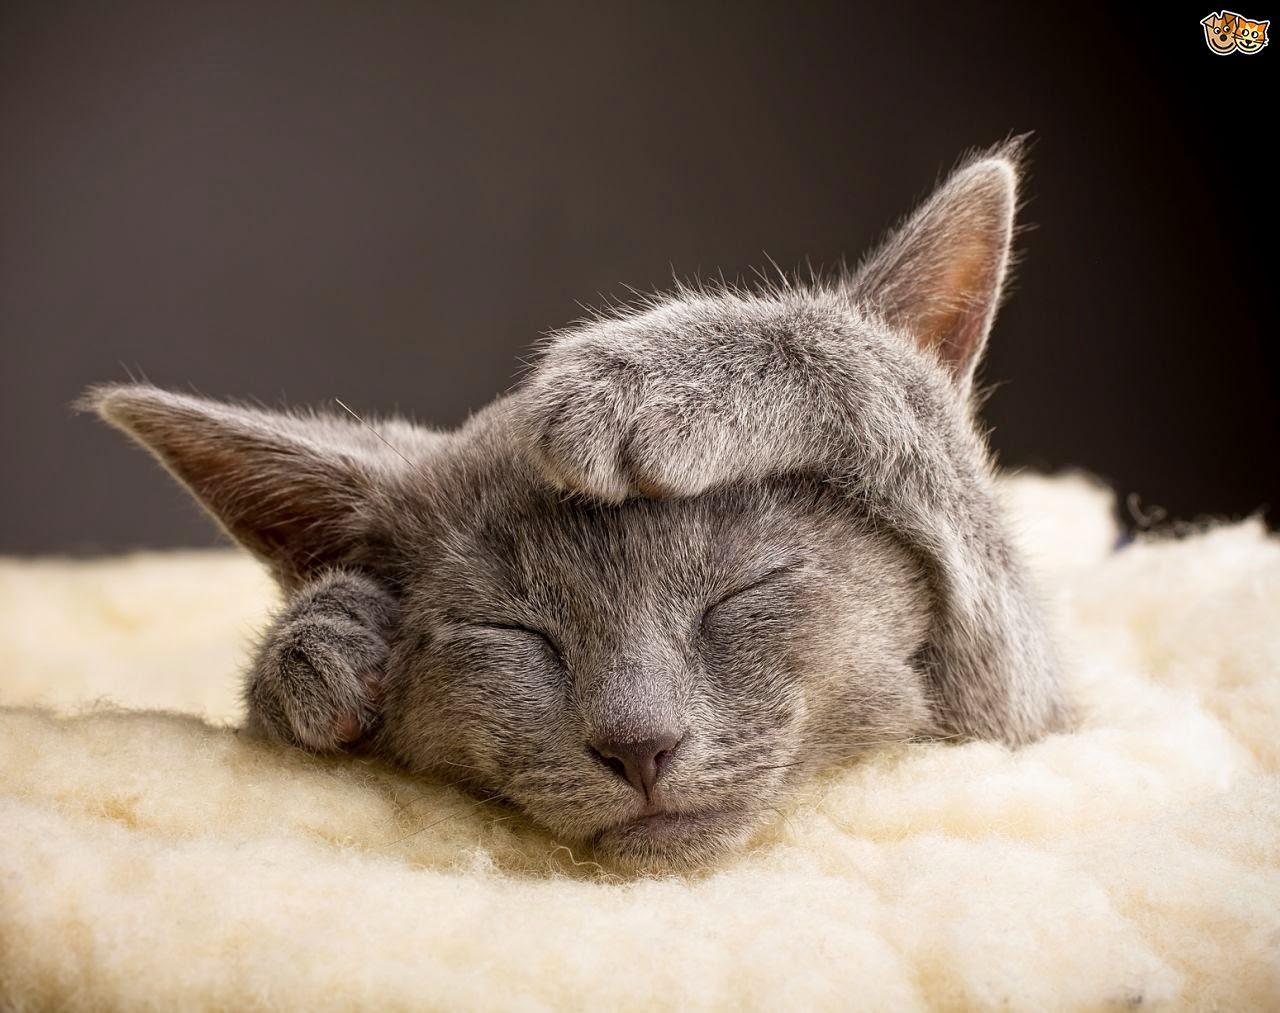 Hasil gambar untuk cat sick signs